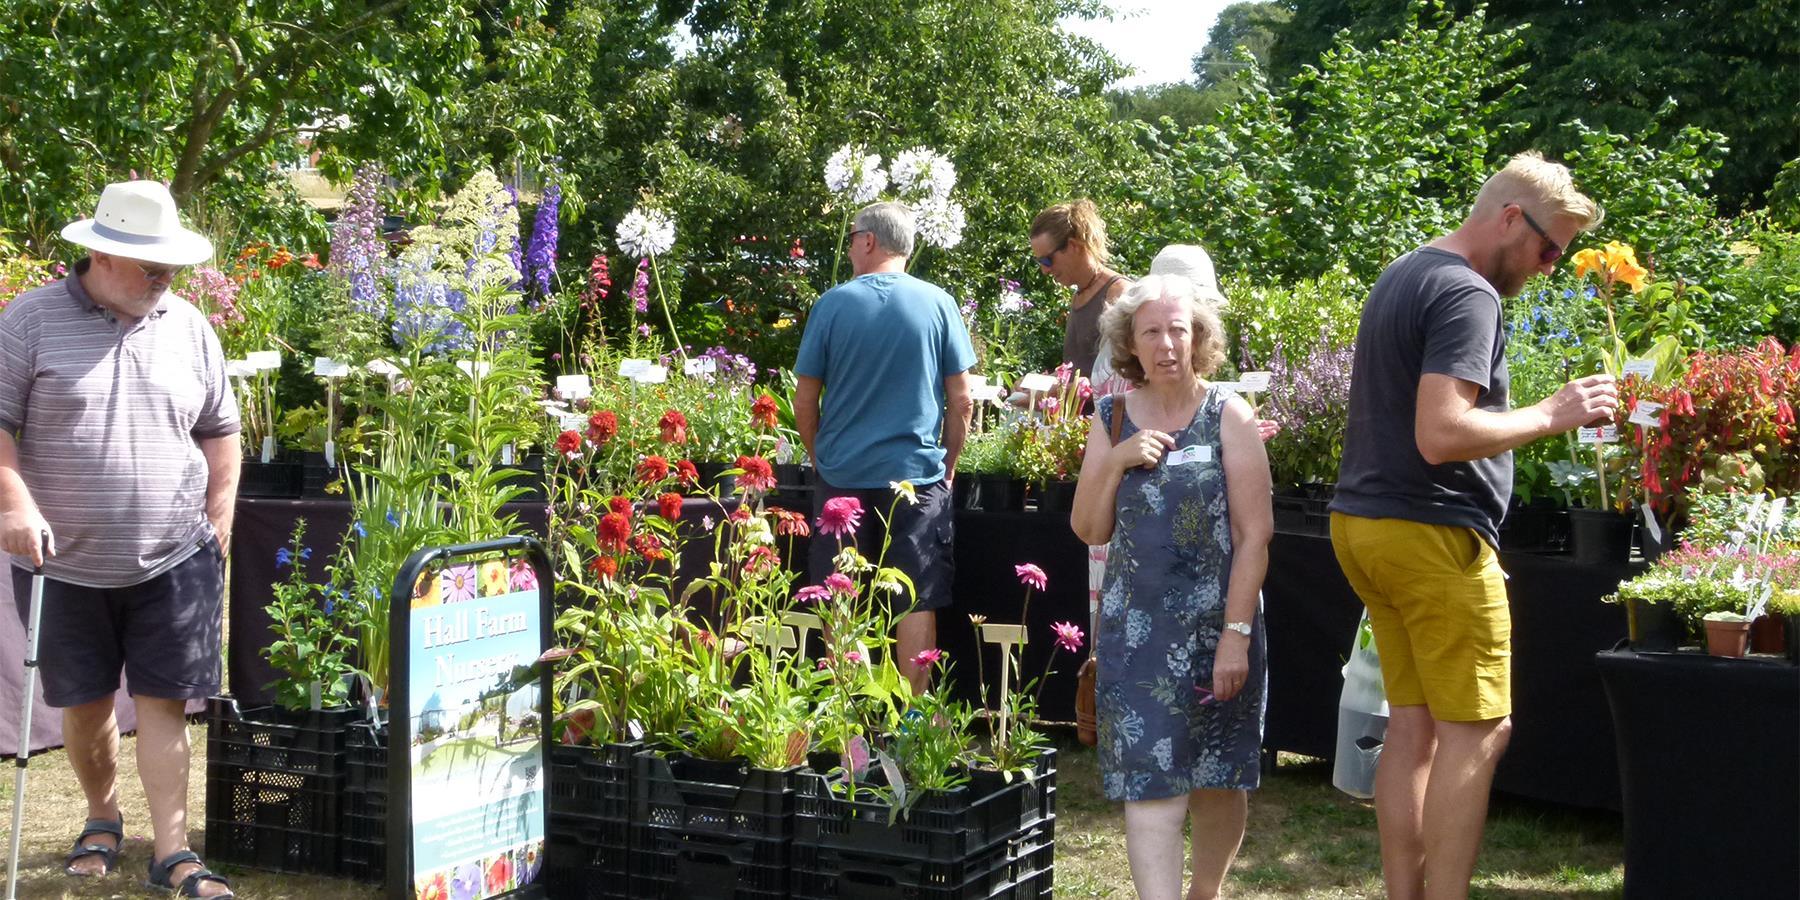 Summer Plant Hunters' Fair at the 1620's House & Garden, Donington Le Heath